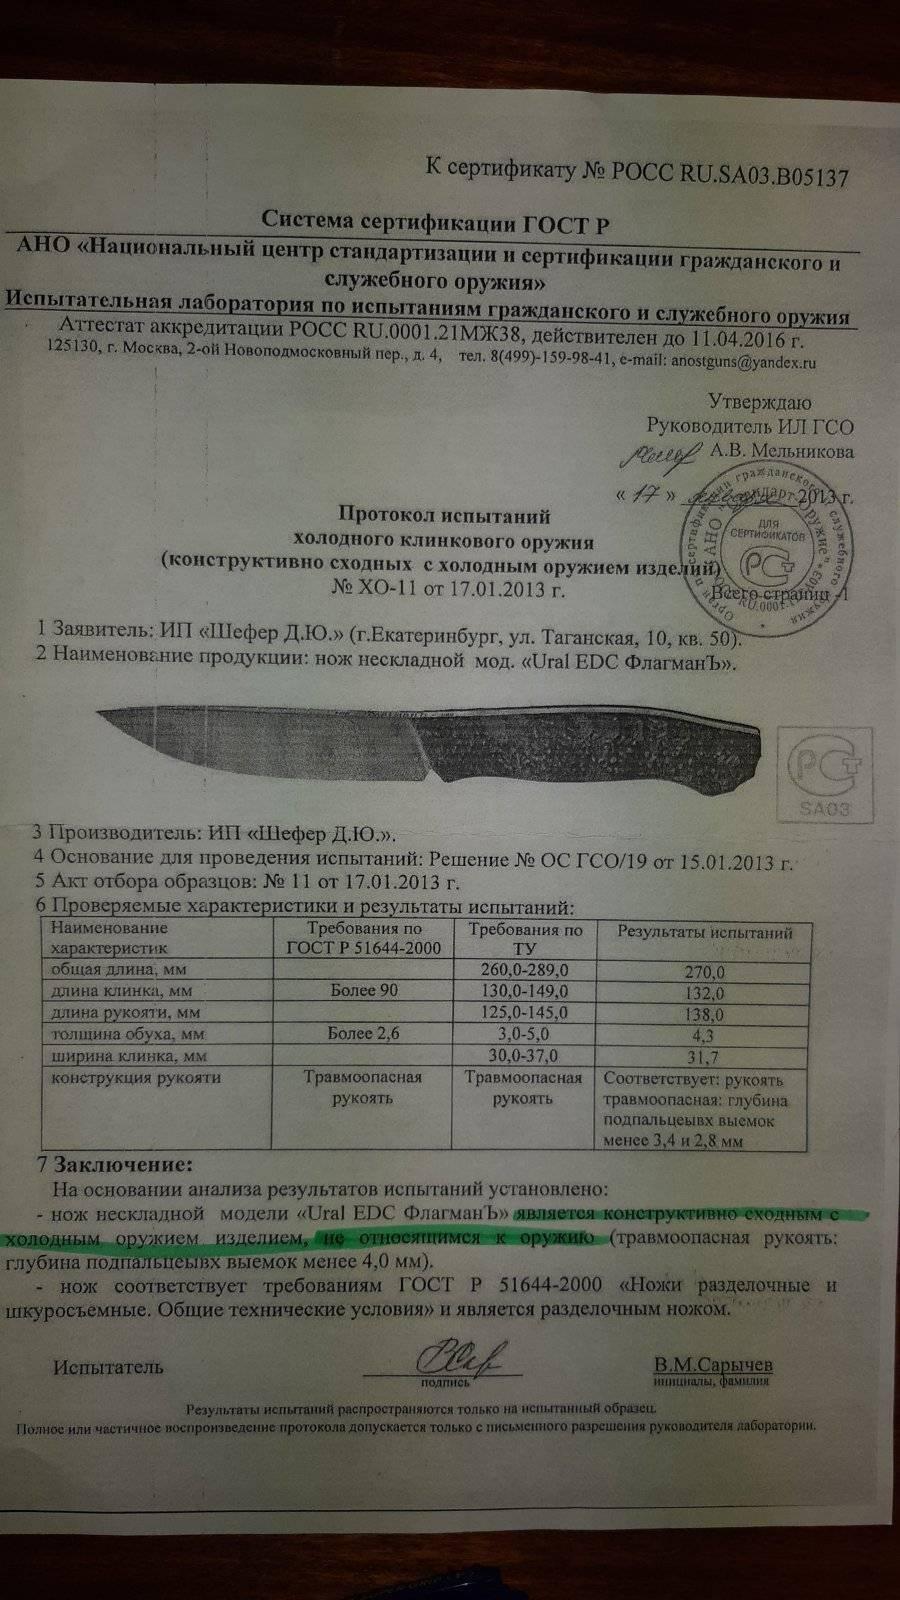 IMG-20200303-WA0074.jpeg